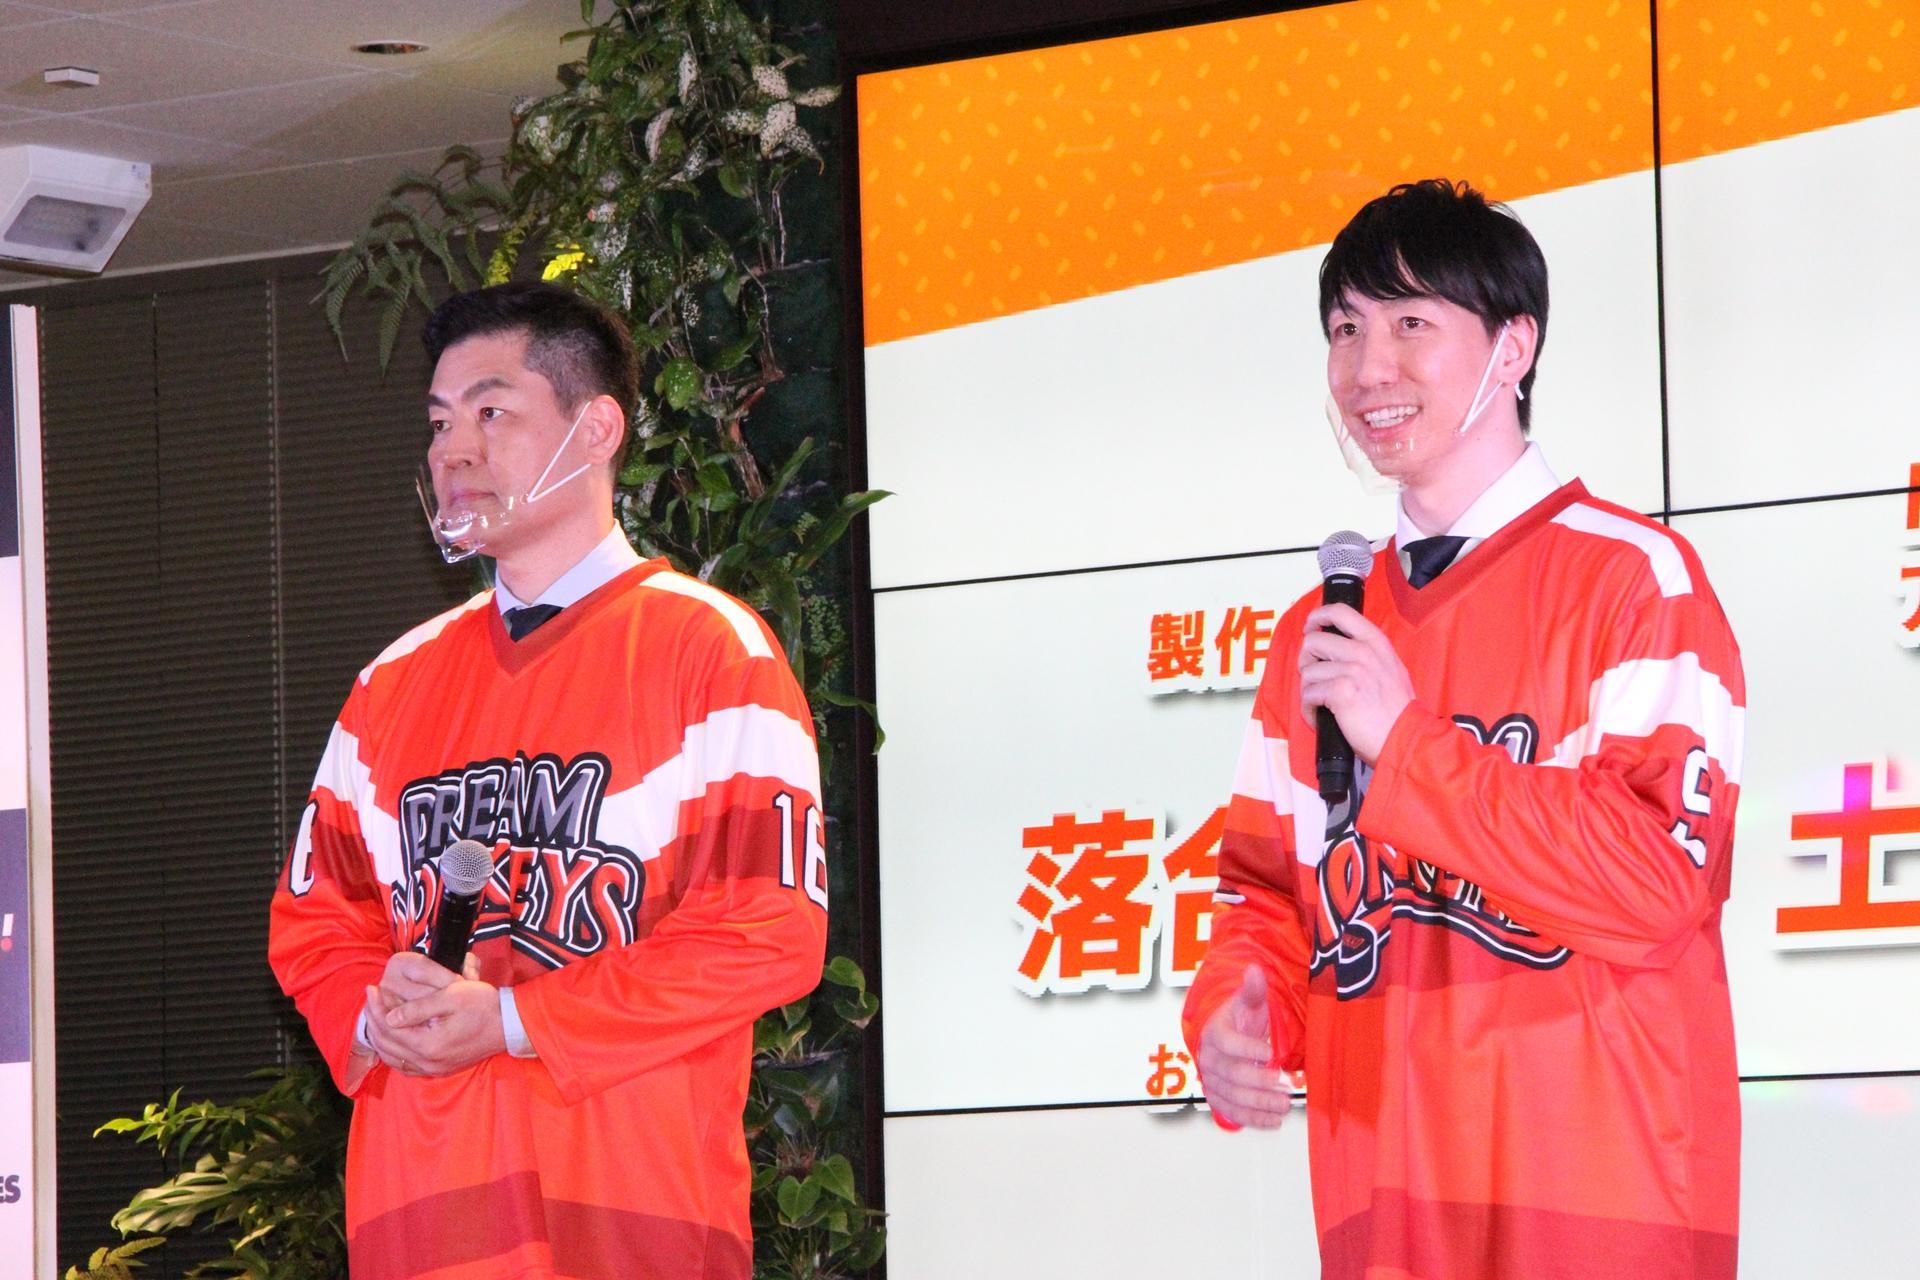 H.C.栃木日光アイスバックスの土田英二氏と衣笠伸正氏も今日の発表会に招かれ、アイスホッケーの魅力をアピール